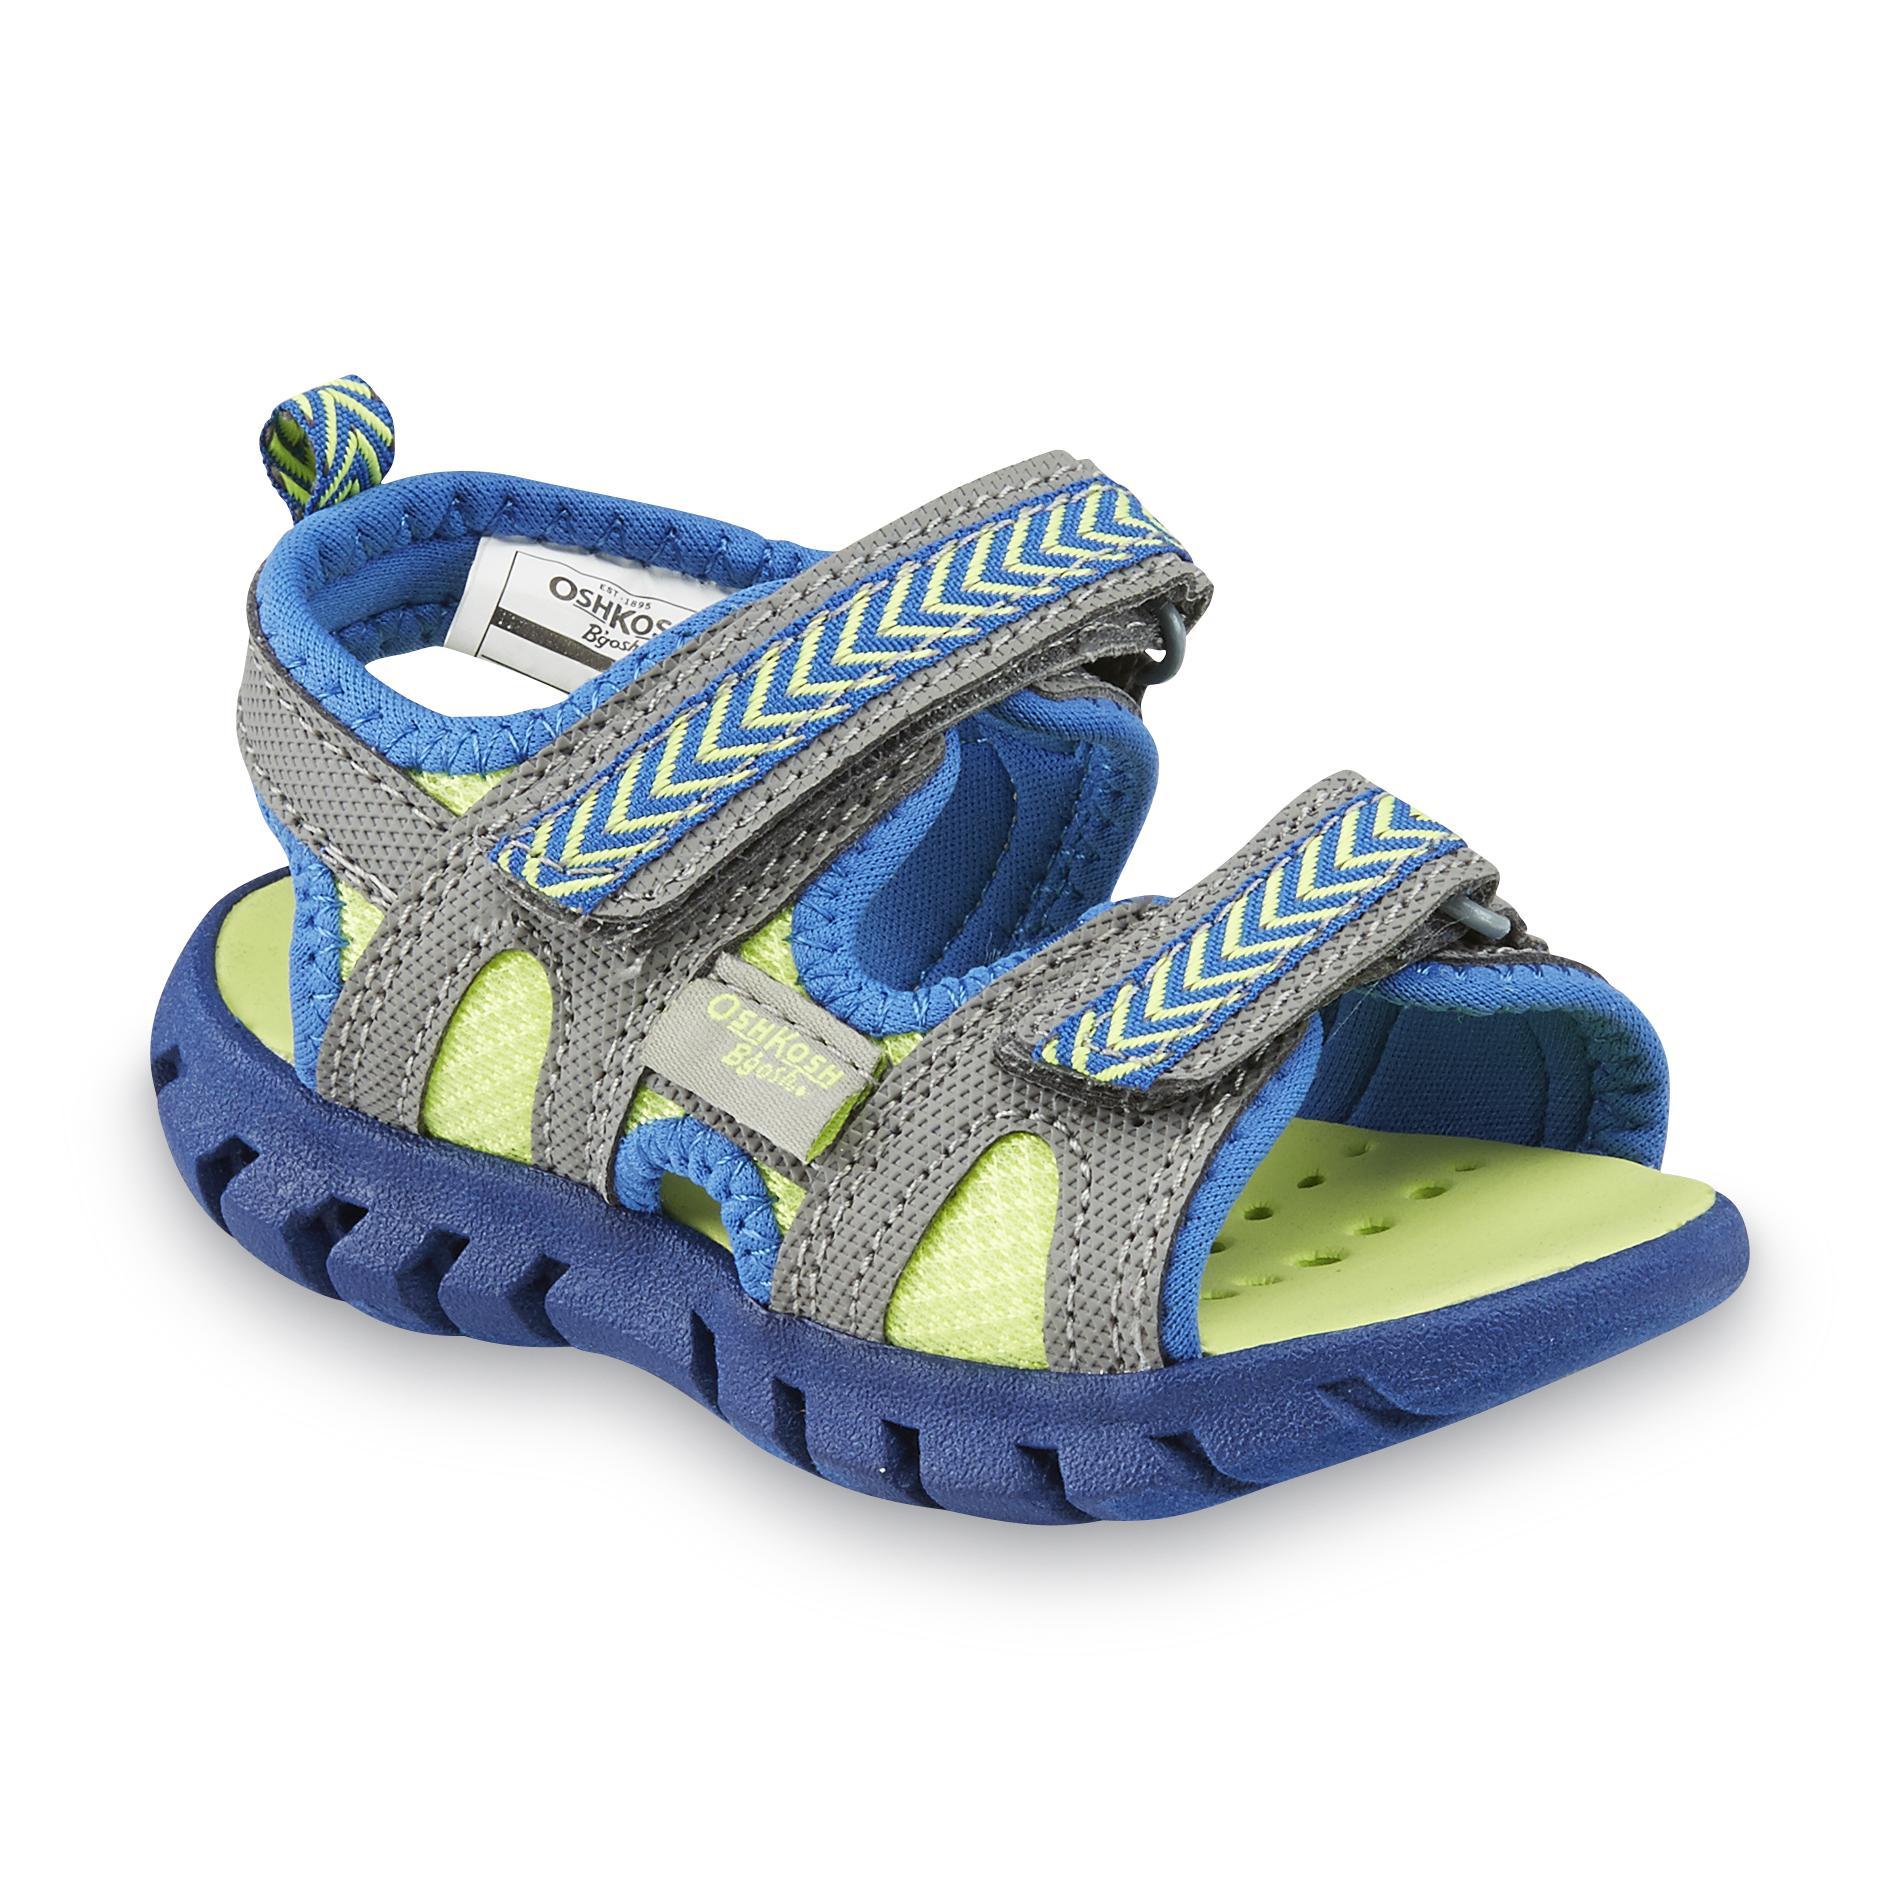 OshKosh Toddler Boy's Ike Blue/Yellow/Gray Athletic Sandal